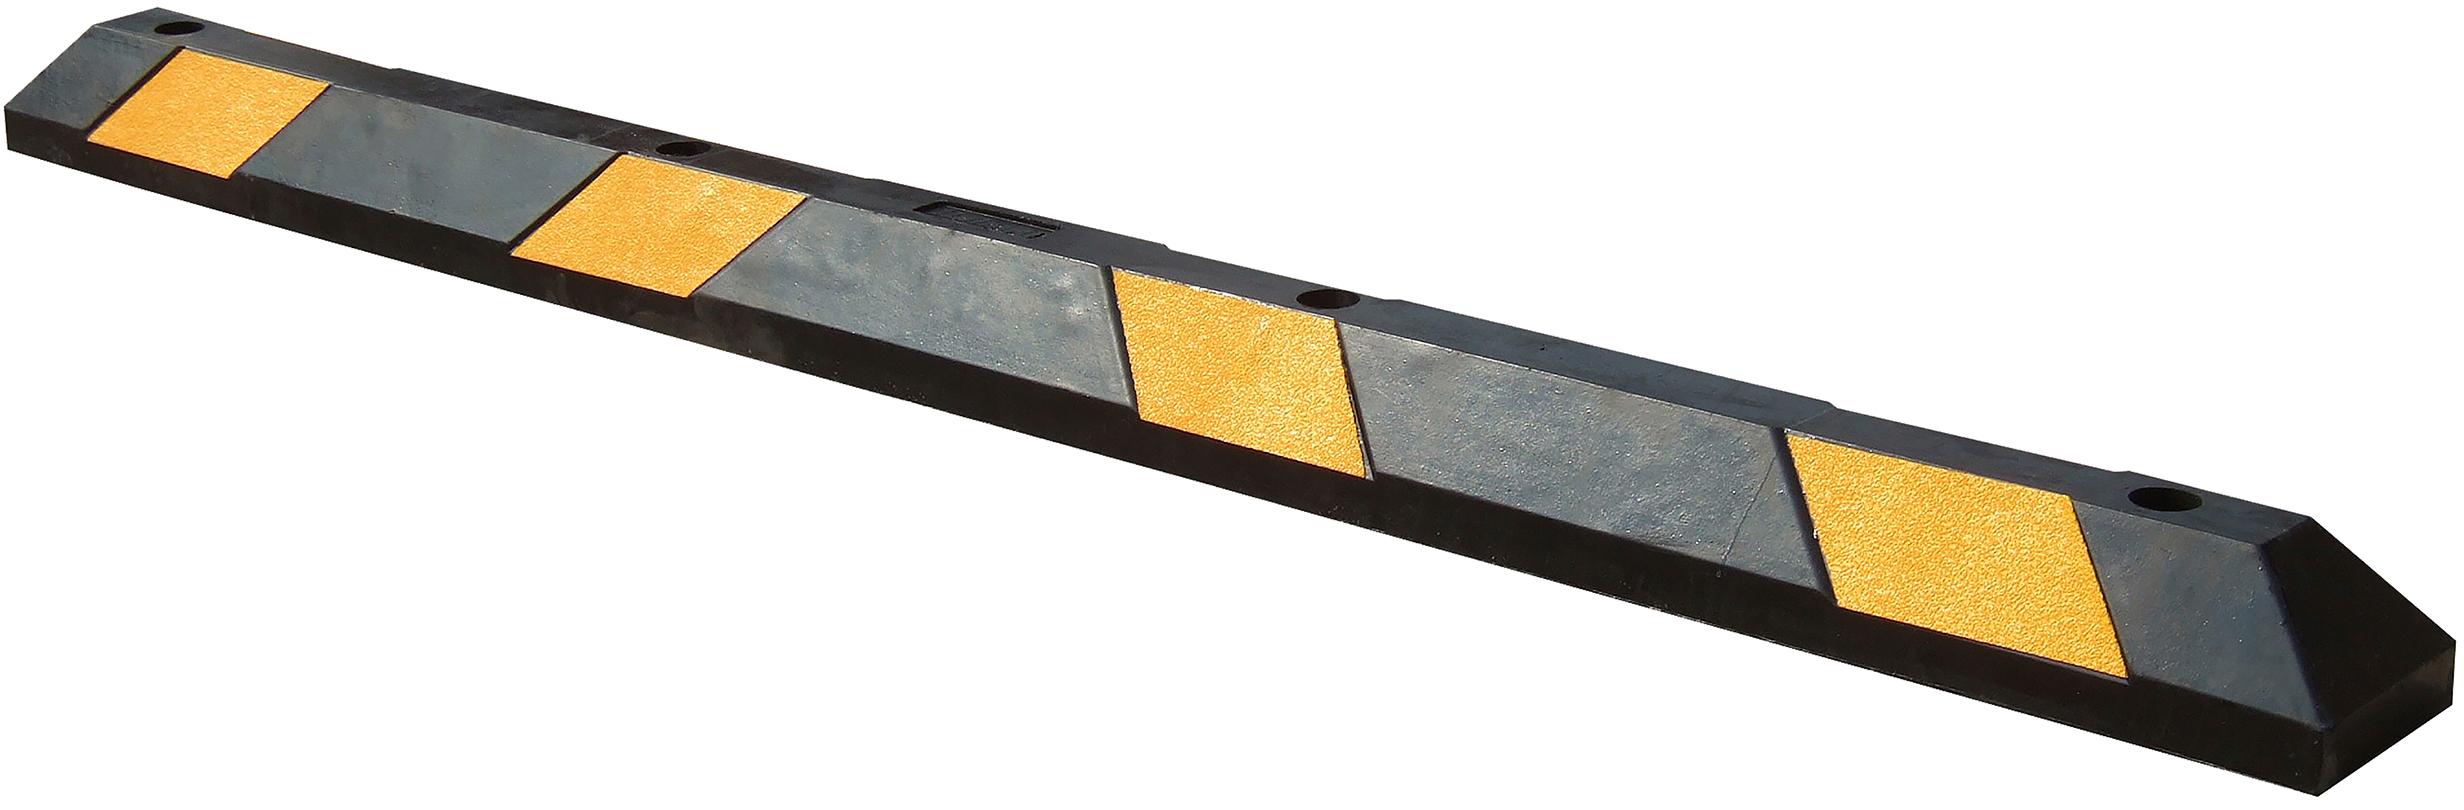 Schake Parkschwelle Kunststoff - schwarz mit gelben Reflektoren Leitschwelle mit eingelassenen gelben Reflektorfolien (SK-C-3393-102) Bild-01